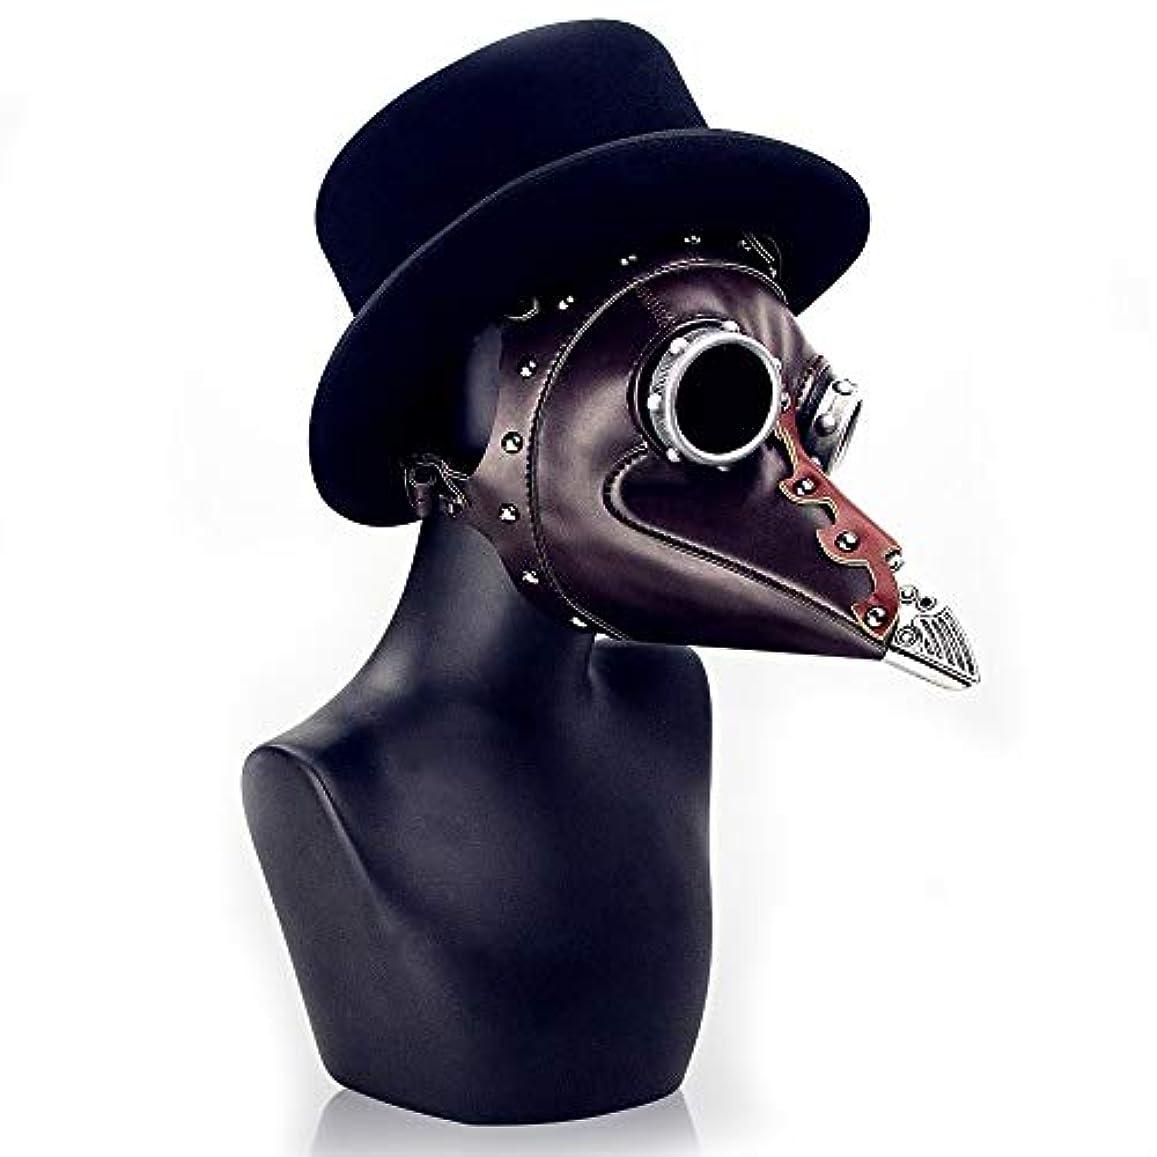 有効化冒険家あそこスチームパンクなハロウィーンペストビークドクターマスク